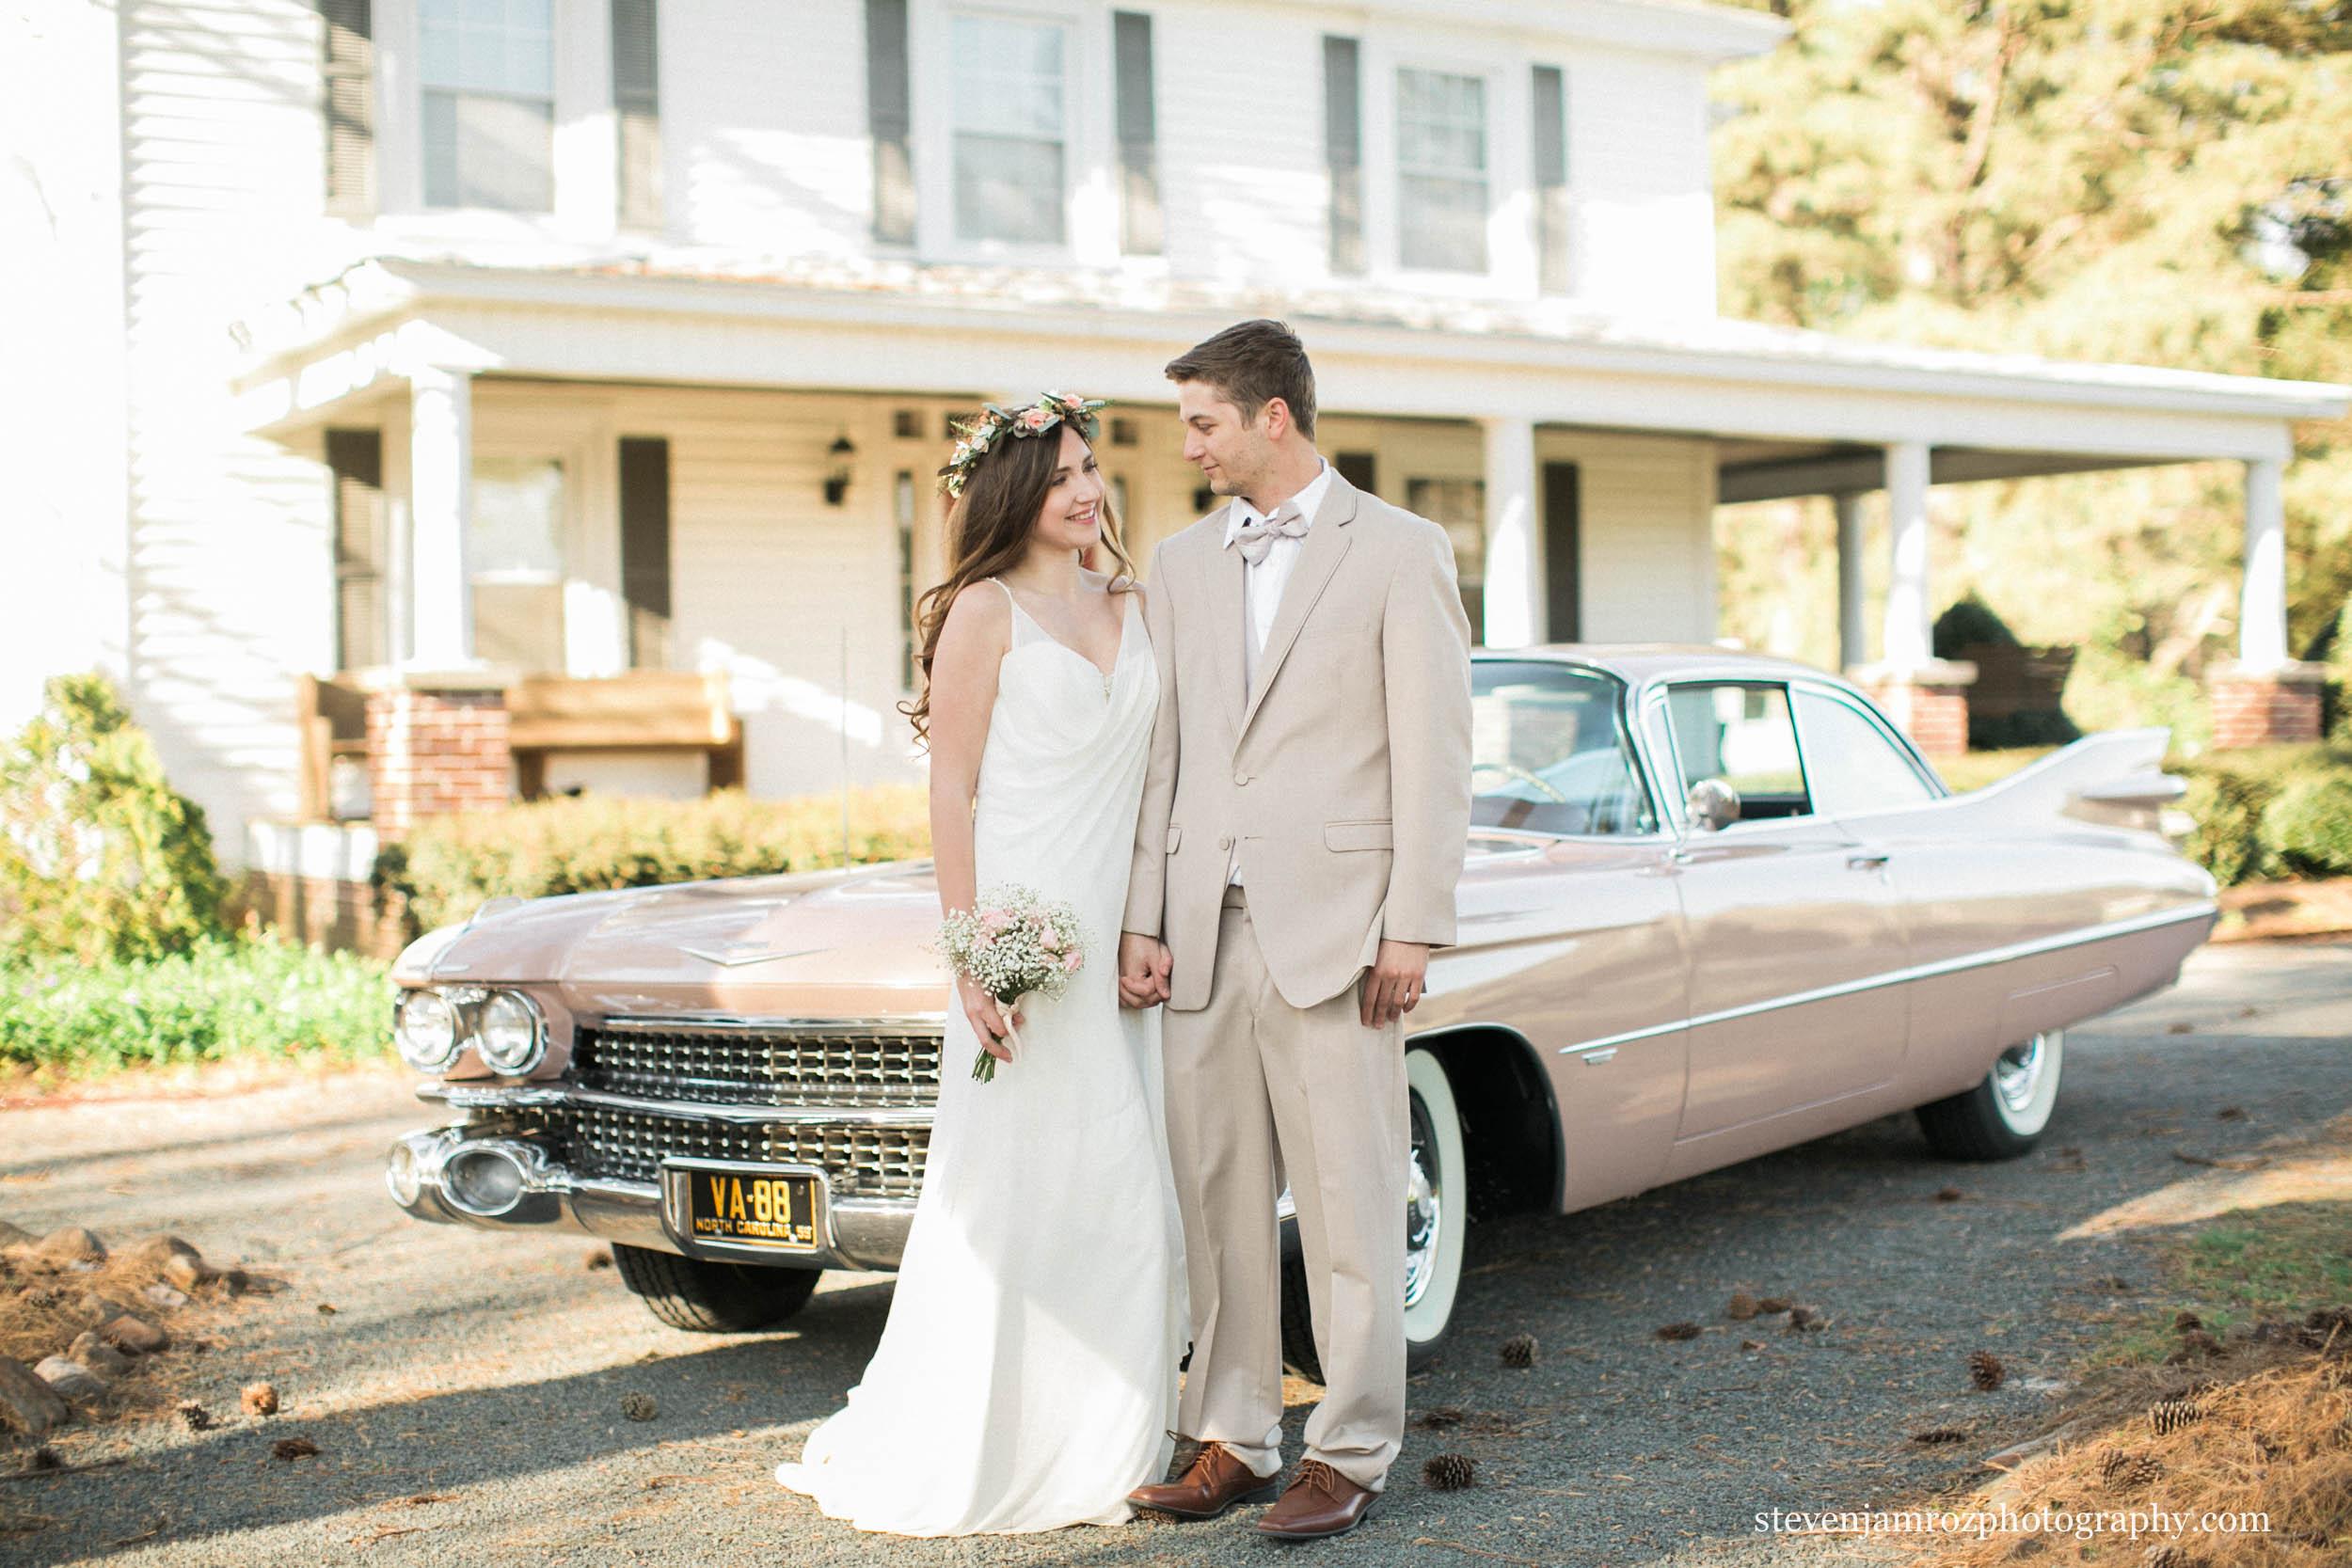 pink-cadillac-flowers-wedding-couple-cedar-grove-acres.jpg